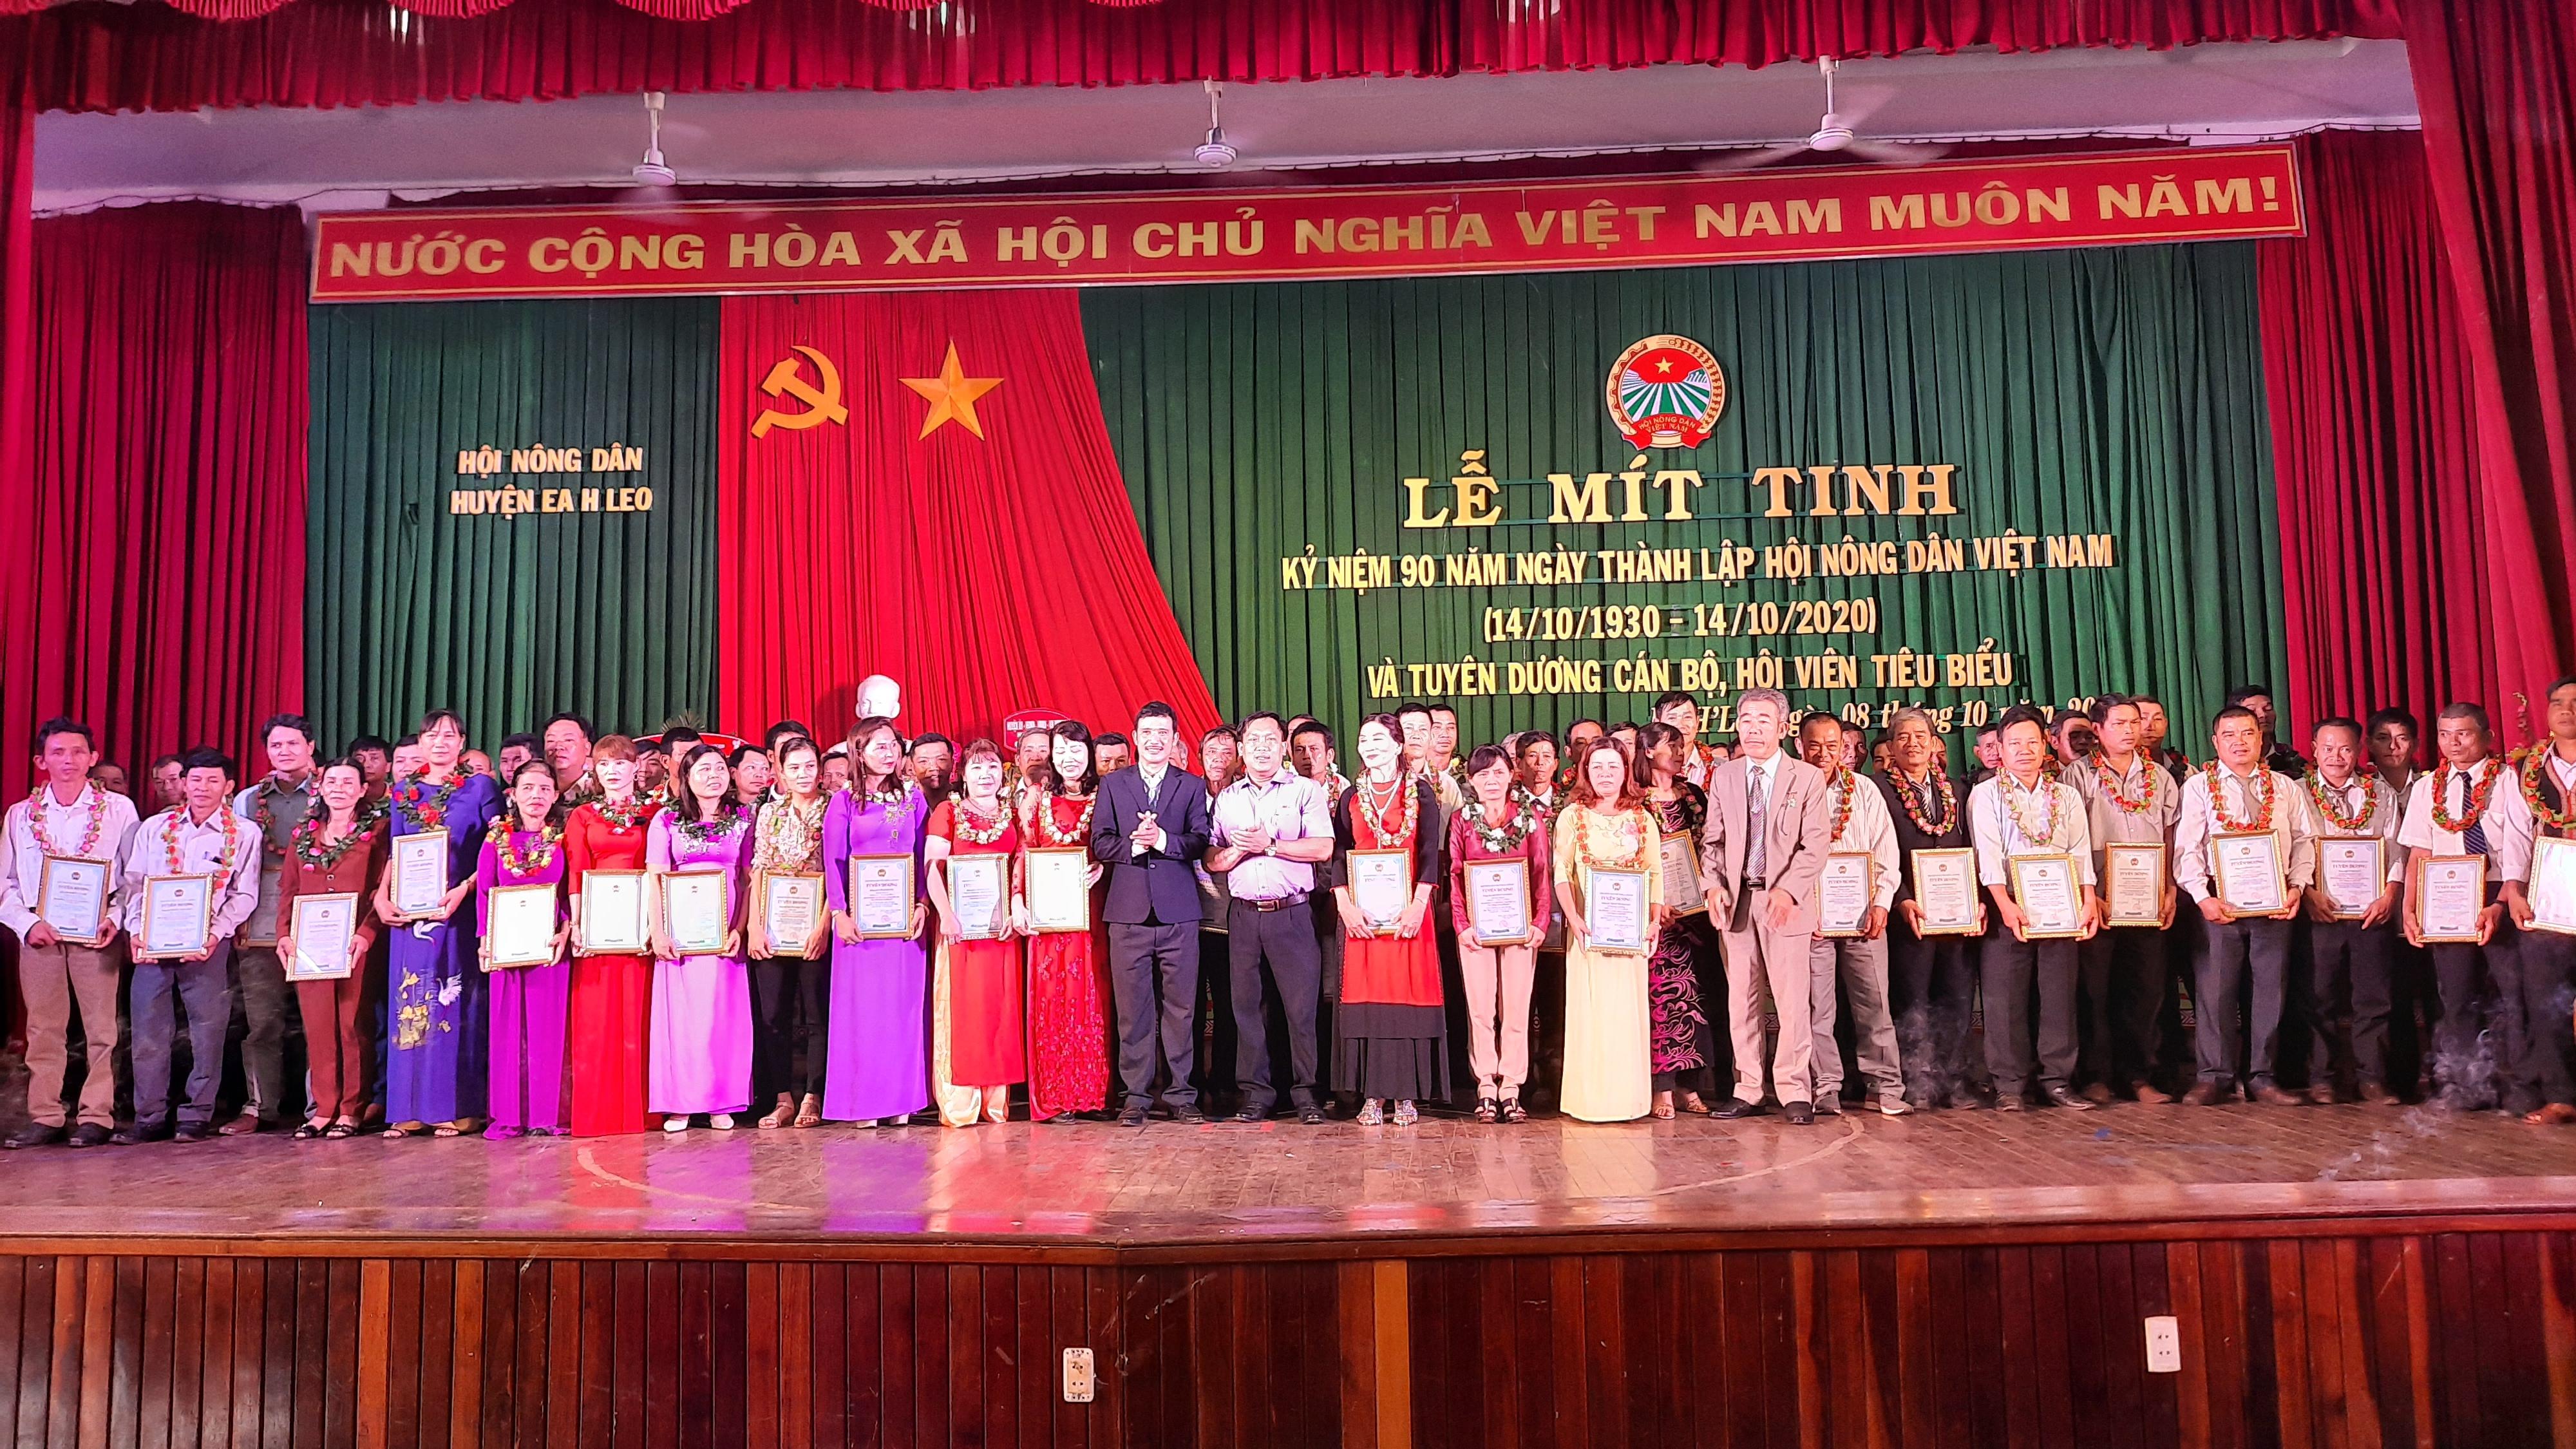 Kỷ niệm 90 năm ngày thành lập Hội Nông dân Việt Nam (14/10/1930-14/10/2020)